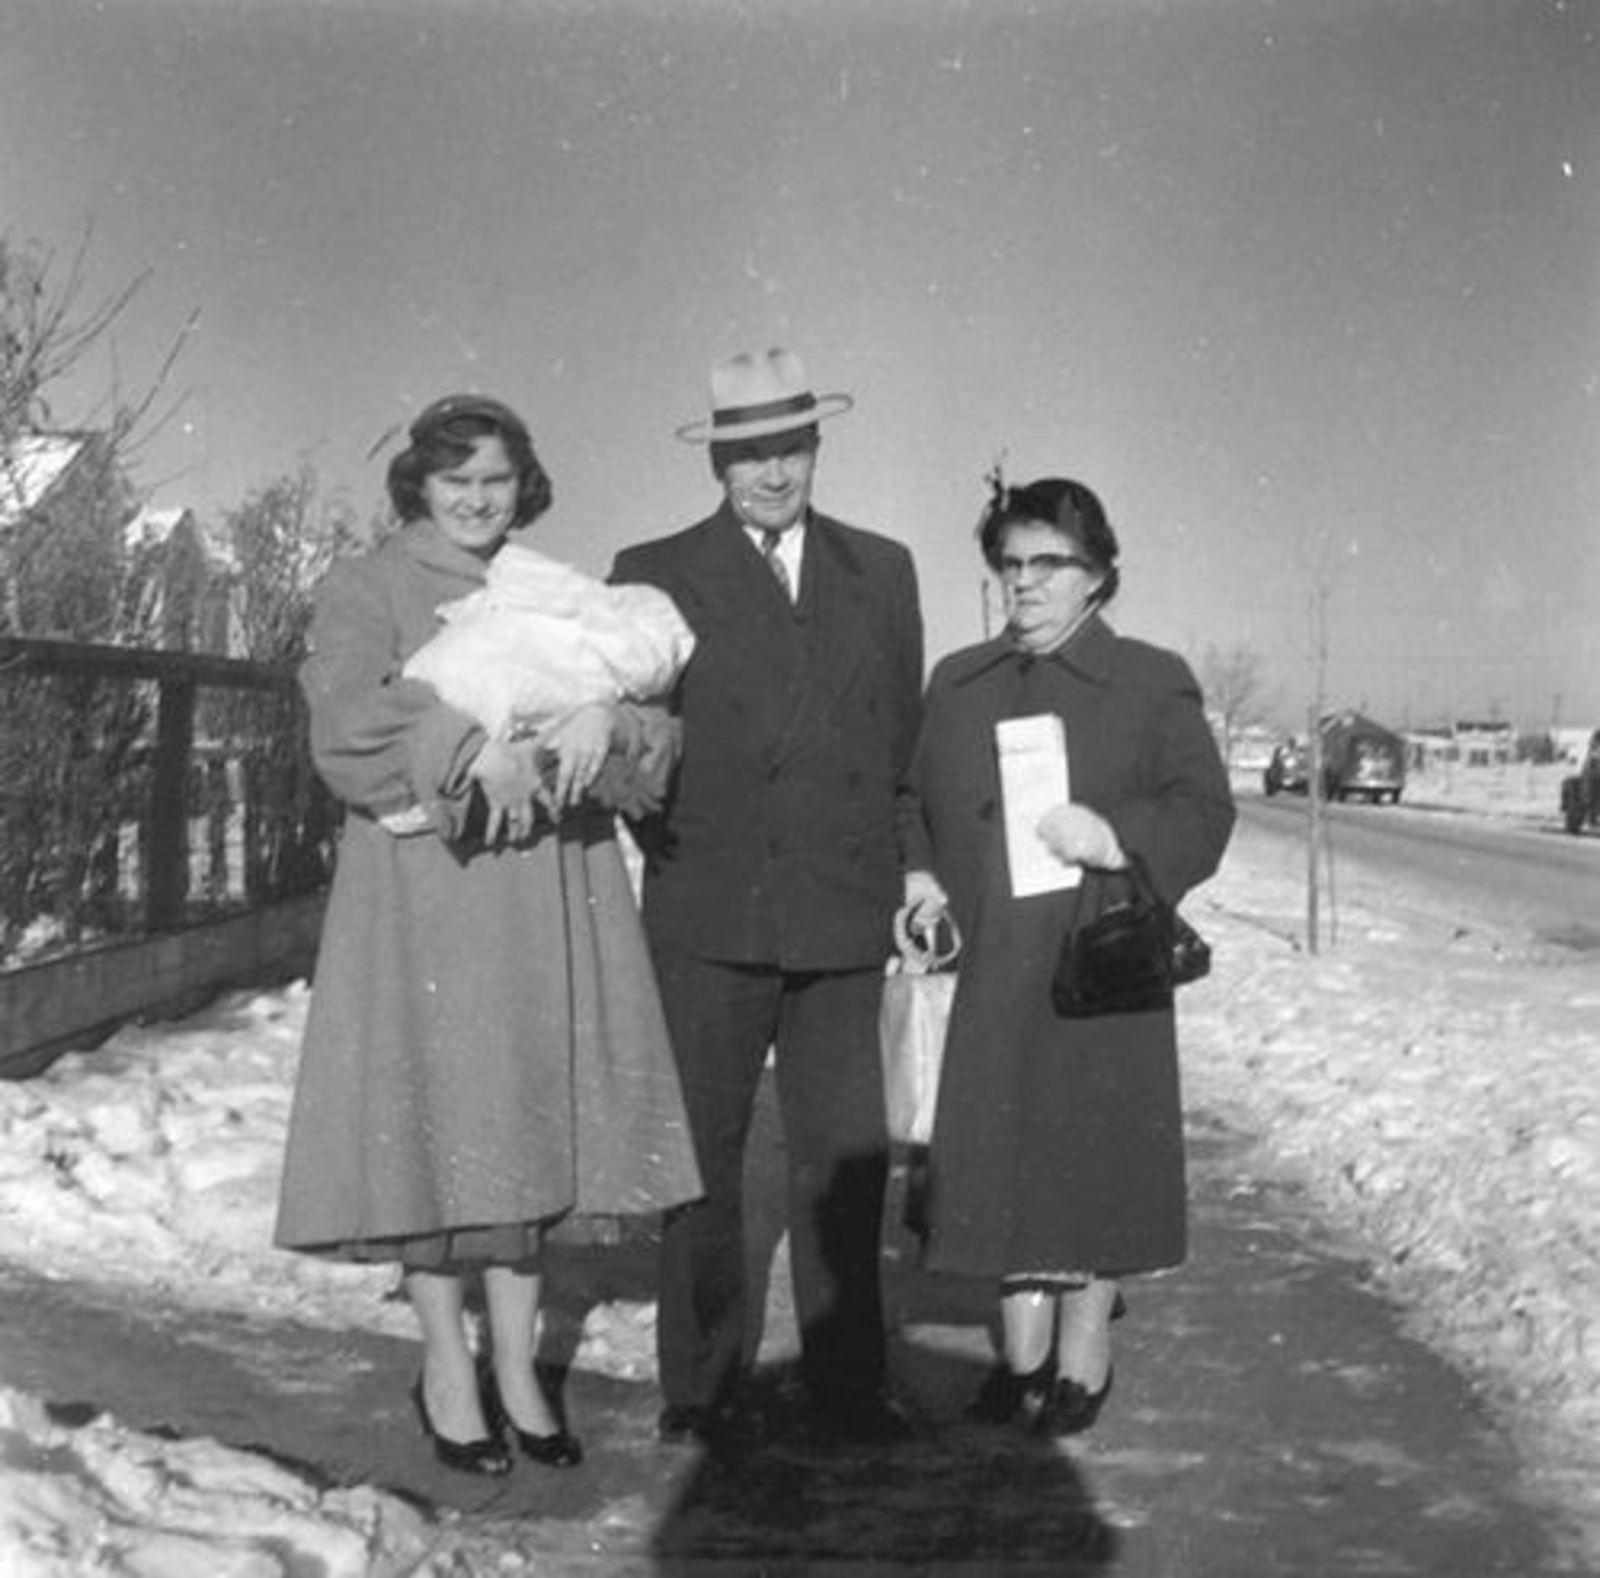 Stout Jan 1900 1958± met vrouw Geertje en dochter Dientje